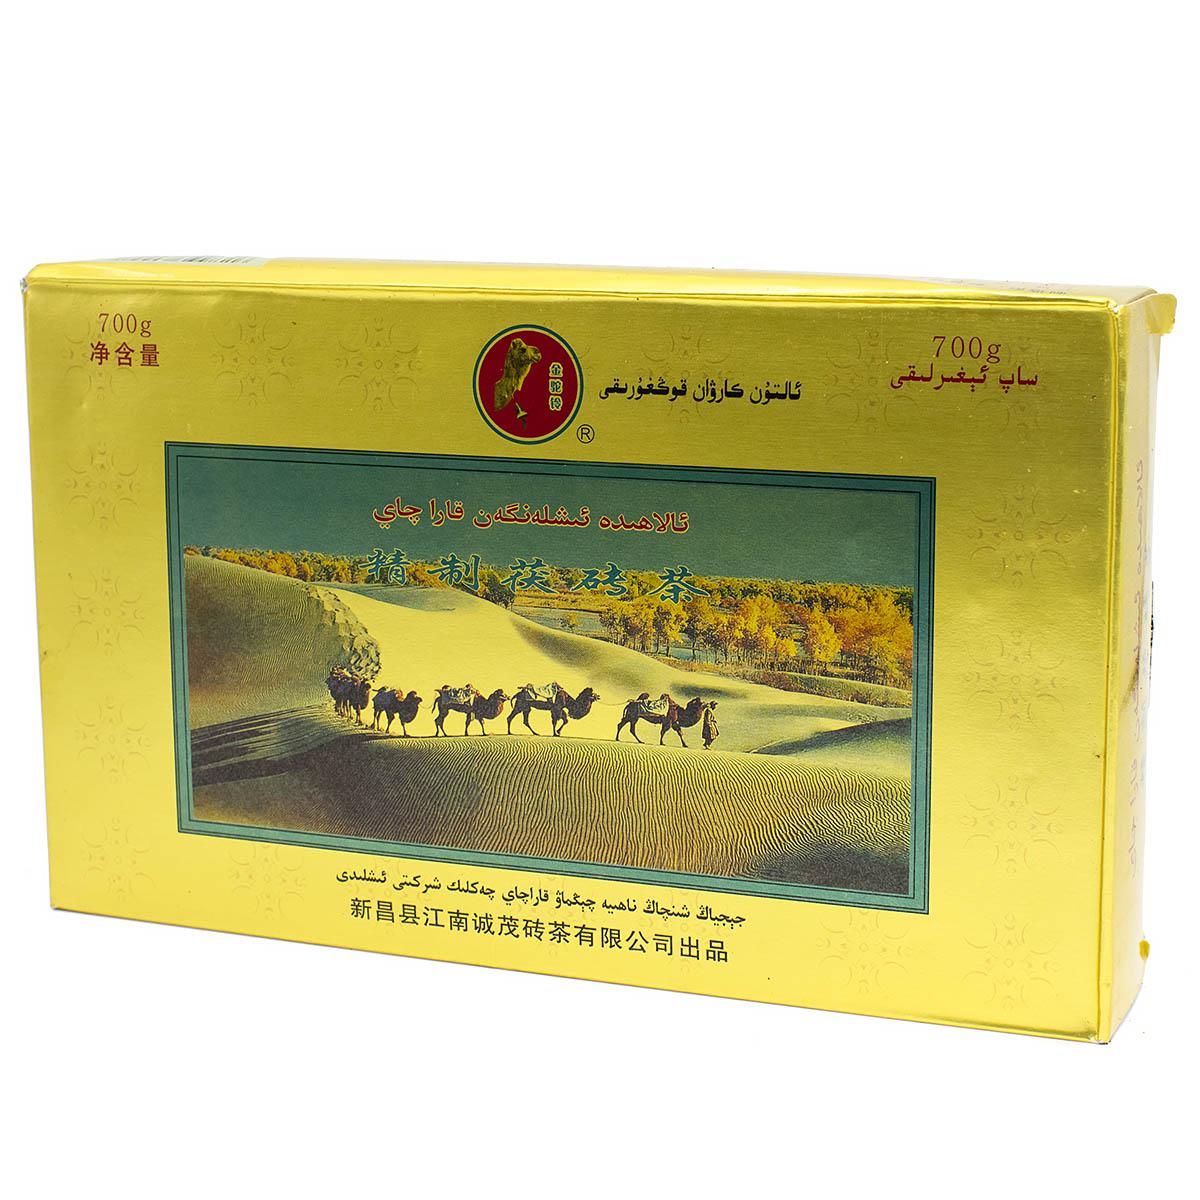 Чай черный Цзин Чжи Фу Чжуань Ча Золотой Верблюд, кирпич, 2016, 700 г тибетский язык в тексте 37 практик бодхисаттвы